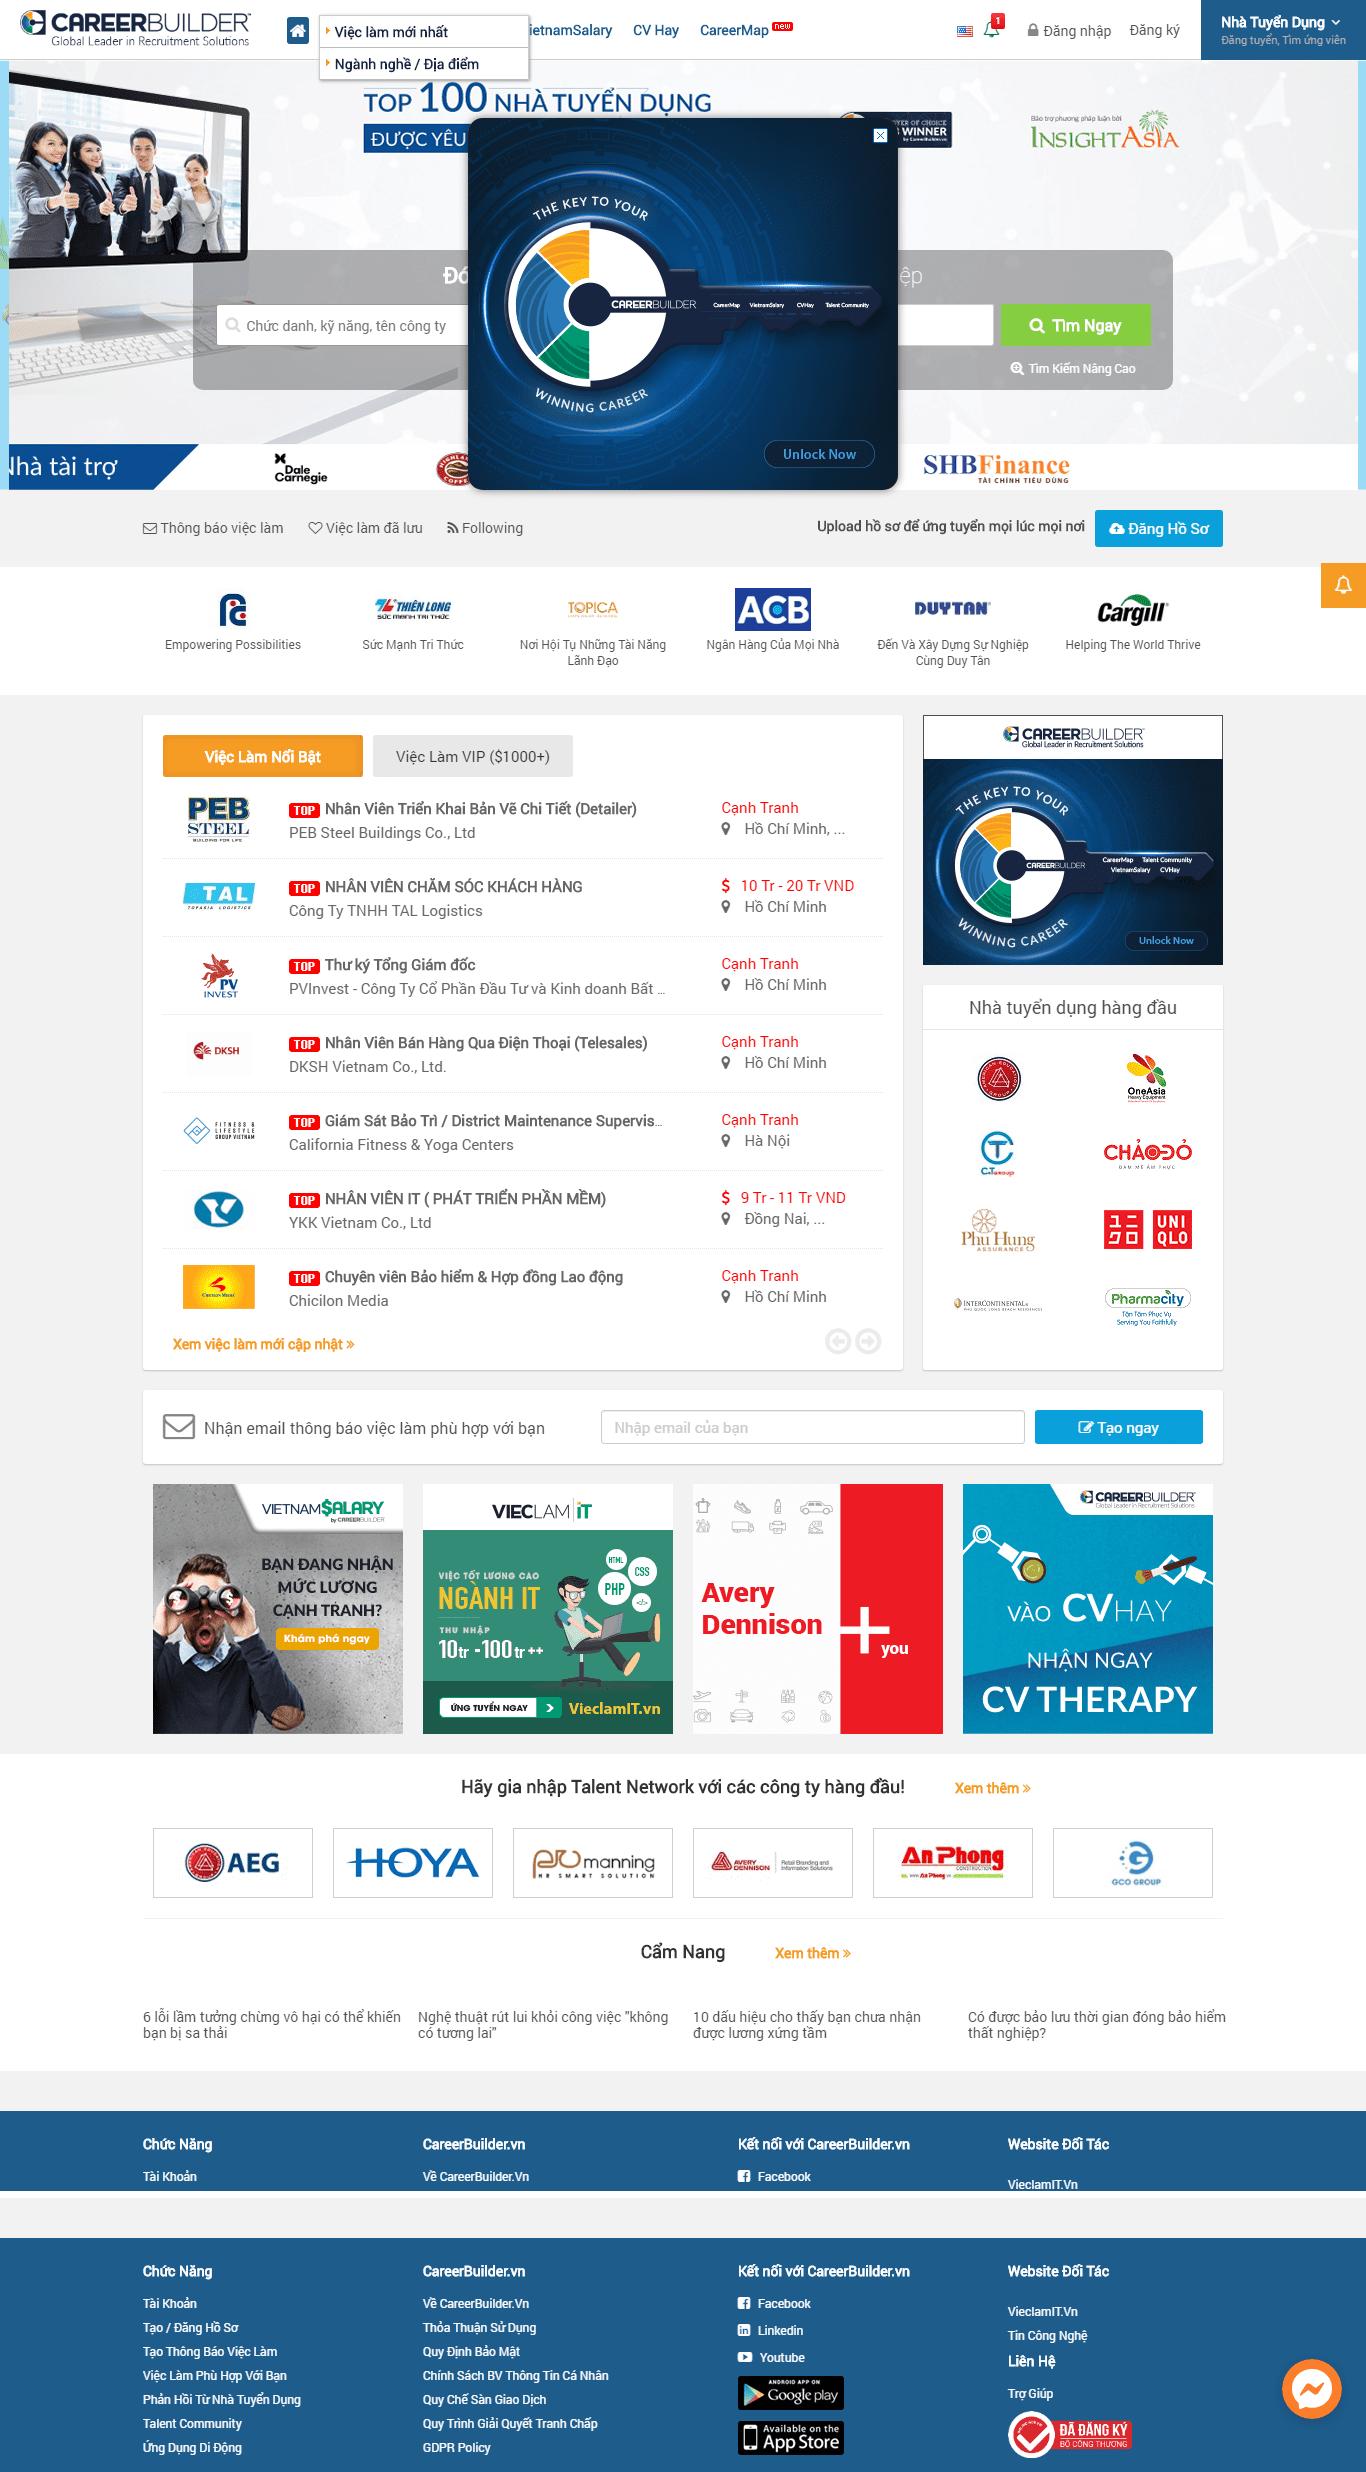 Thiết kế website tuyển dụng - careerbuilder.vn đẹp SEO nhanh hiệu quả